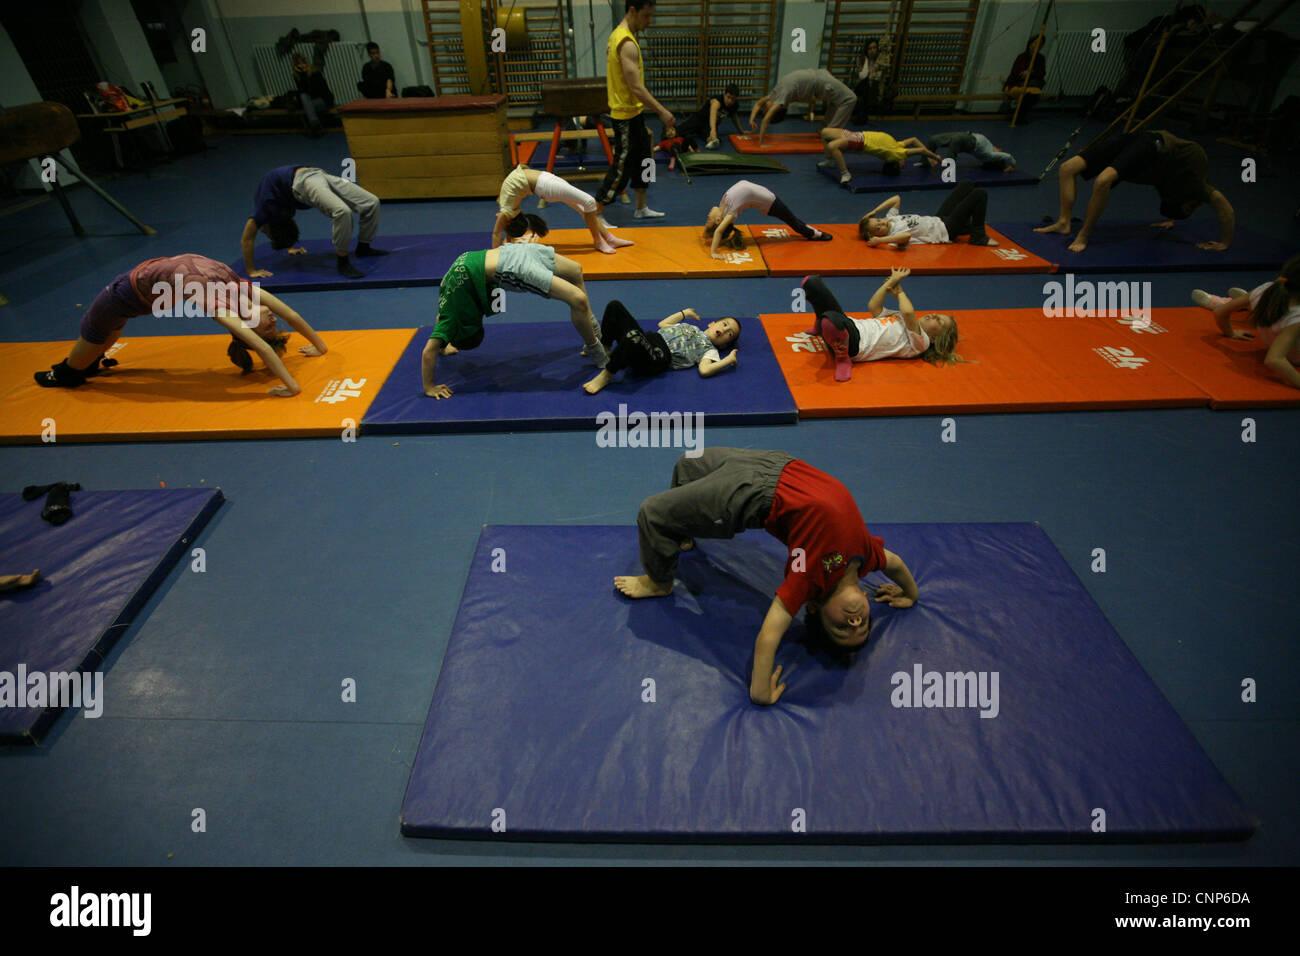 La formación del club gimnástico Podednik en Belgrado, Serbia. Imagen De Stock